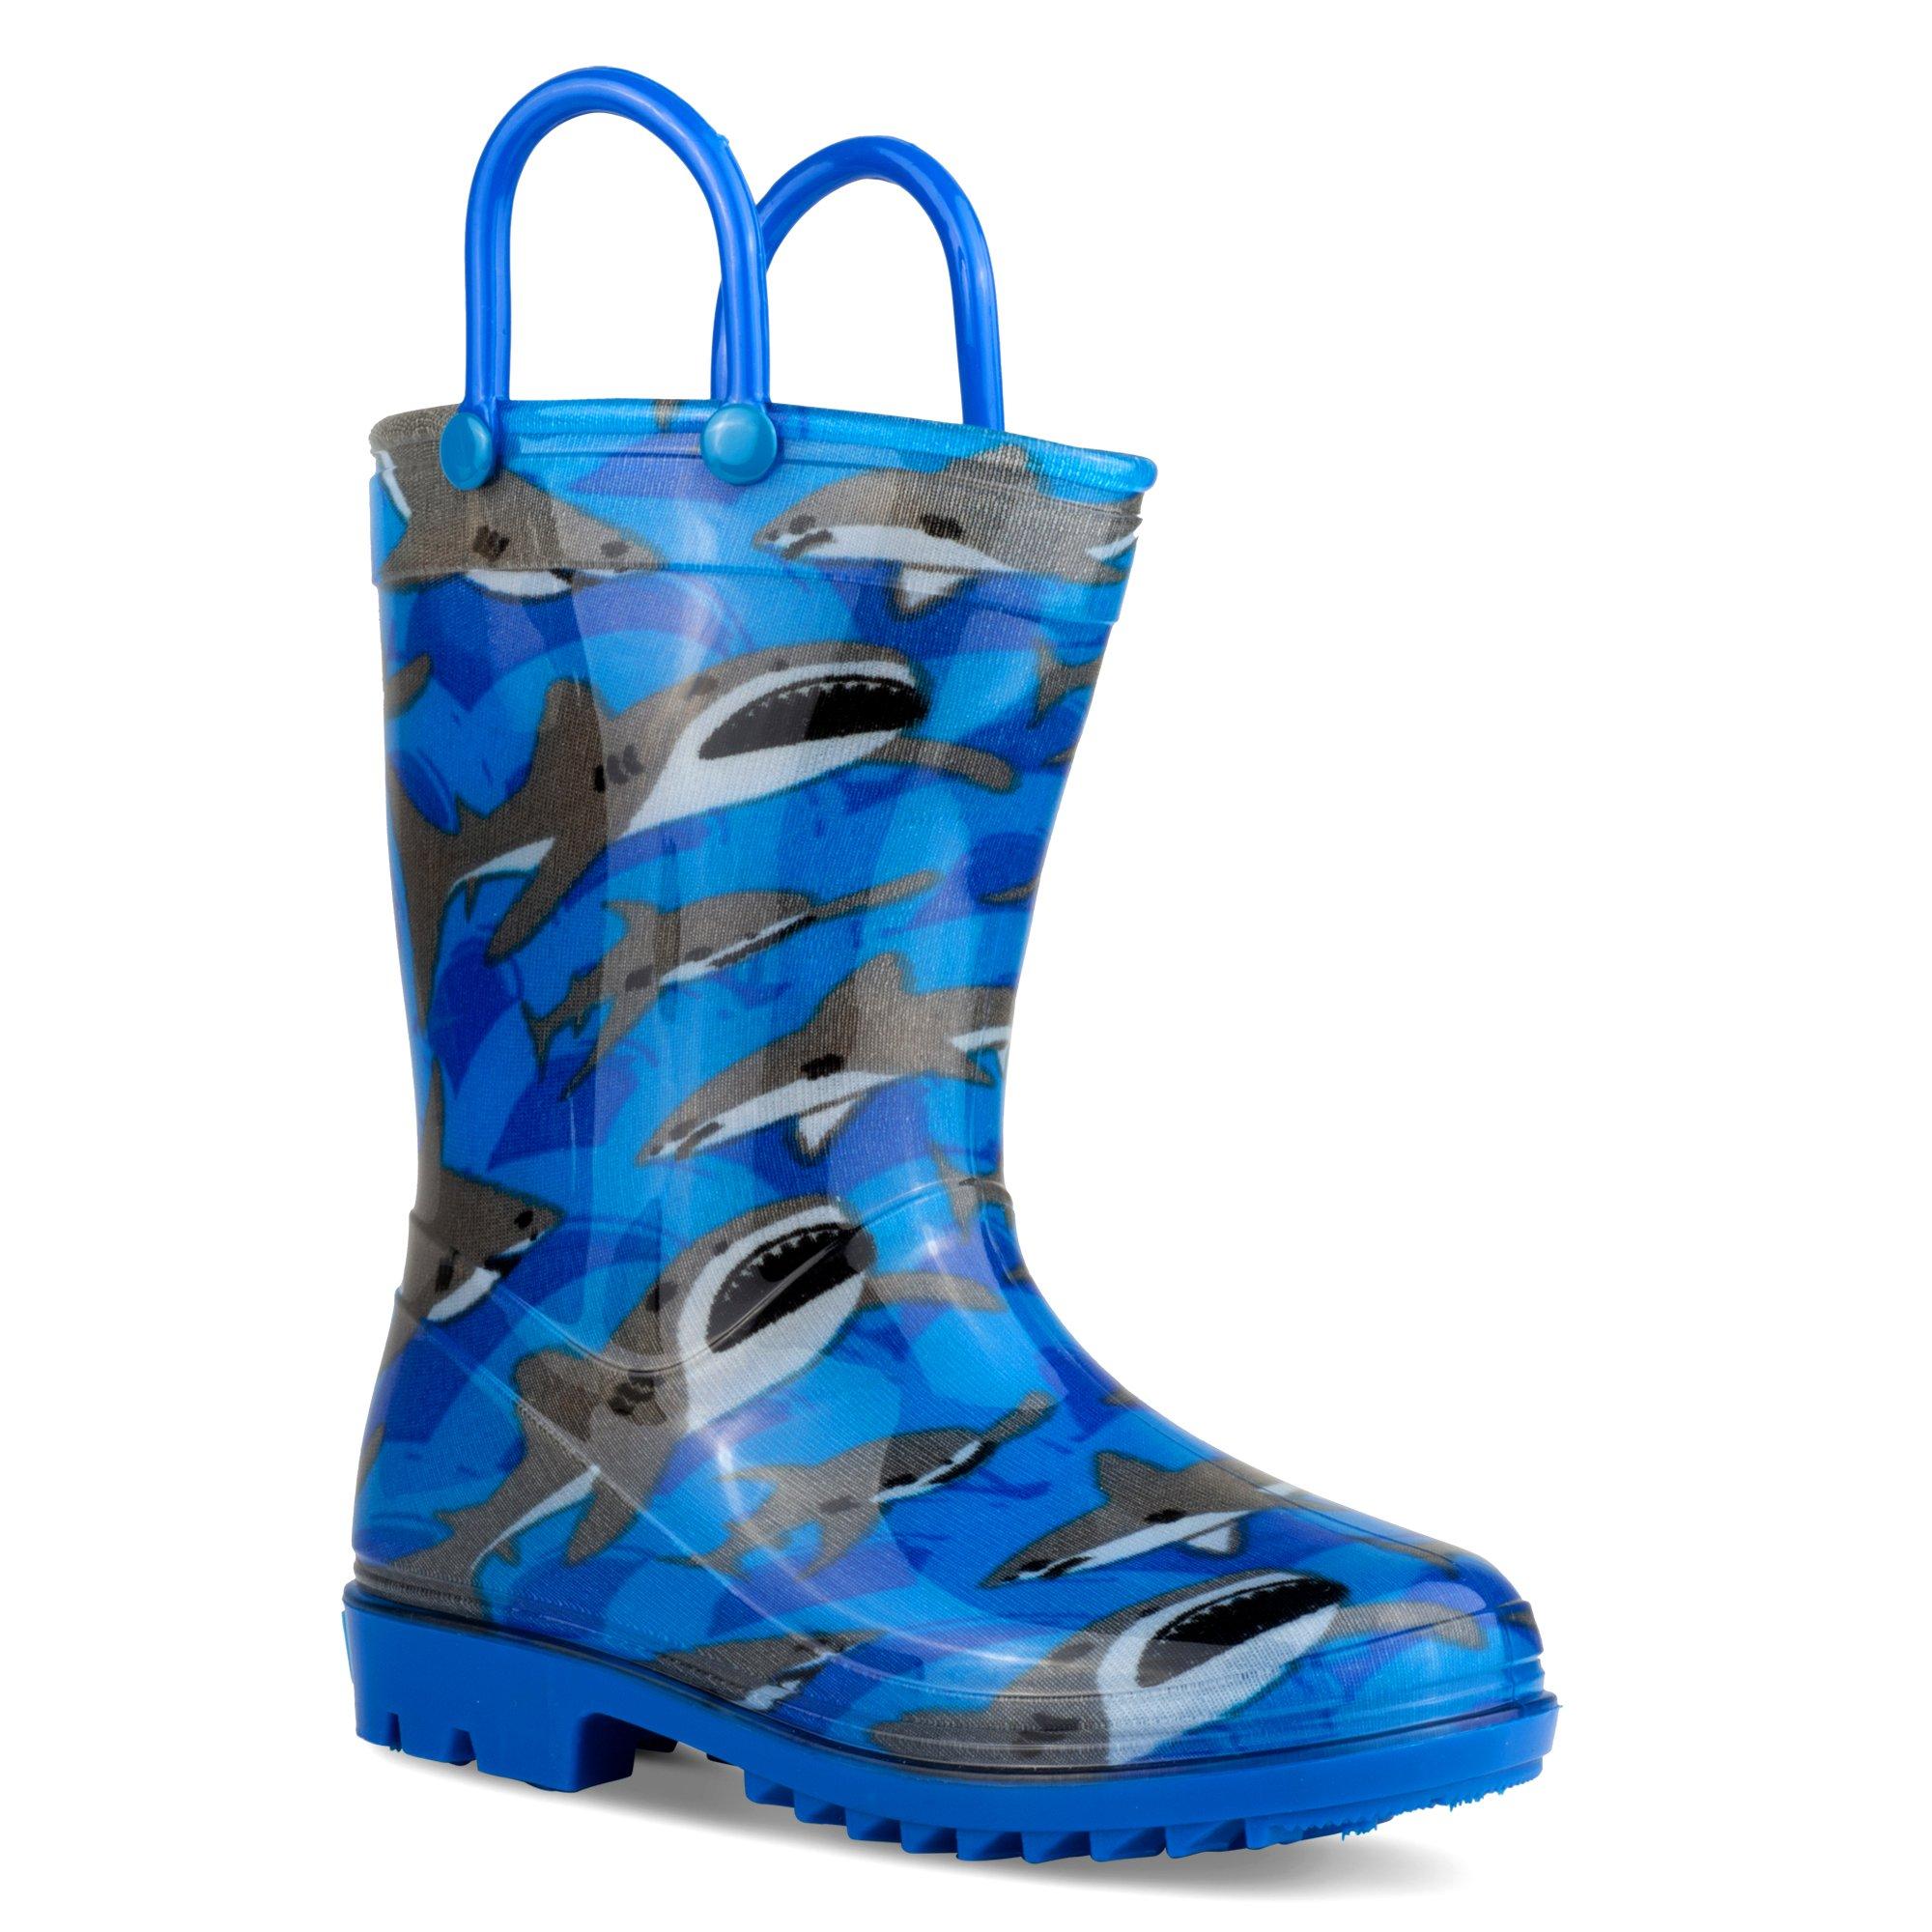 ZOOGS Kids Rainboots, Waterproof, Pull Handles, Fun Prints & Colors